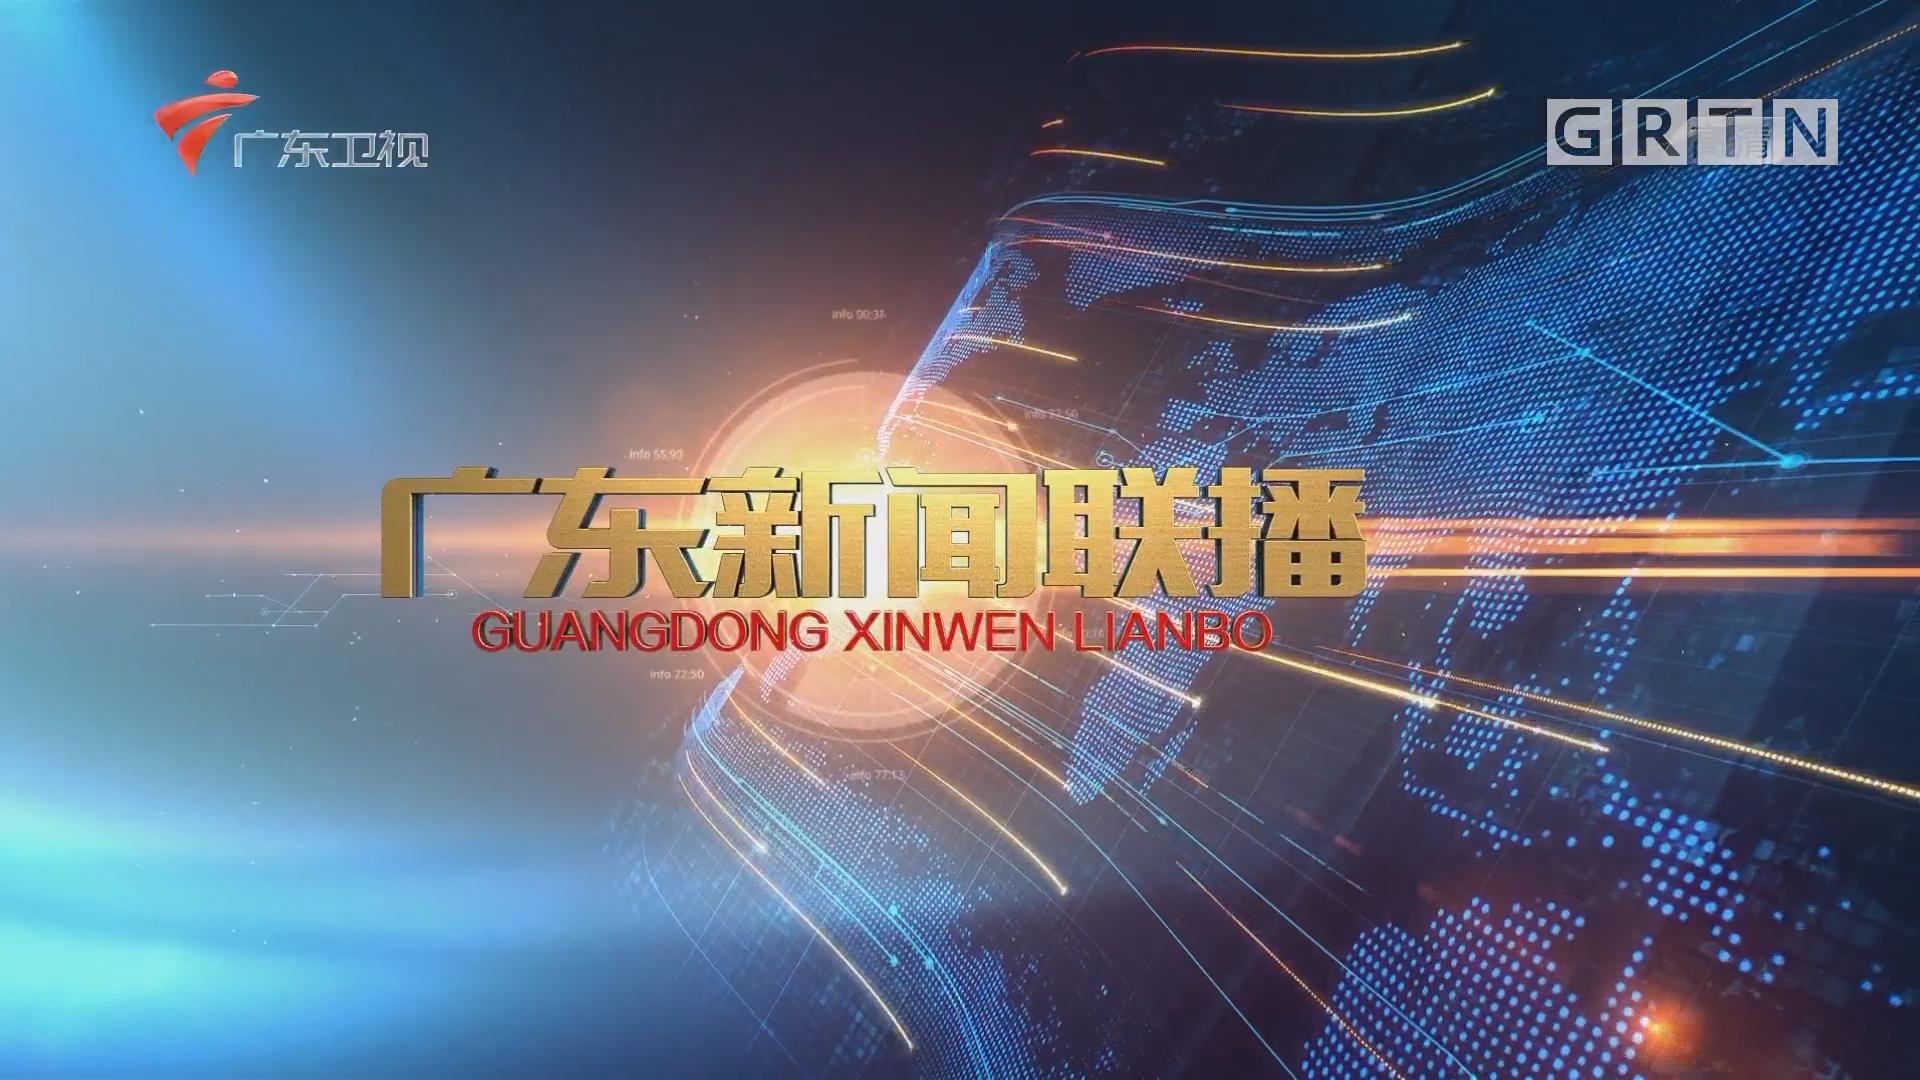 [HD][2019-05-21]广东新闻联播:黄坤明在广东调研时强调 坚持守正创新 增强工作实效 凝聚干部群众团结奋进的磅礴力量